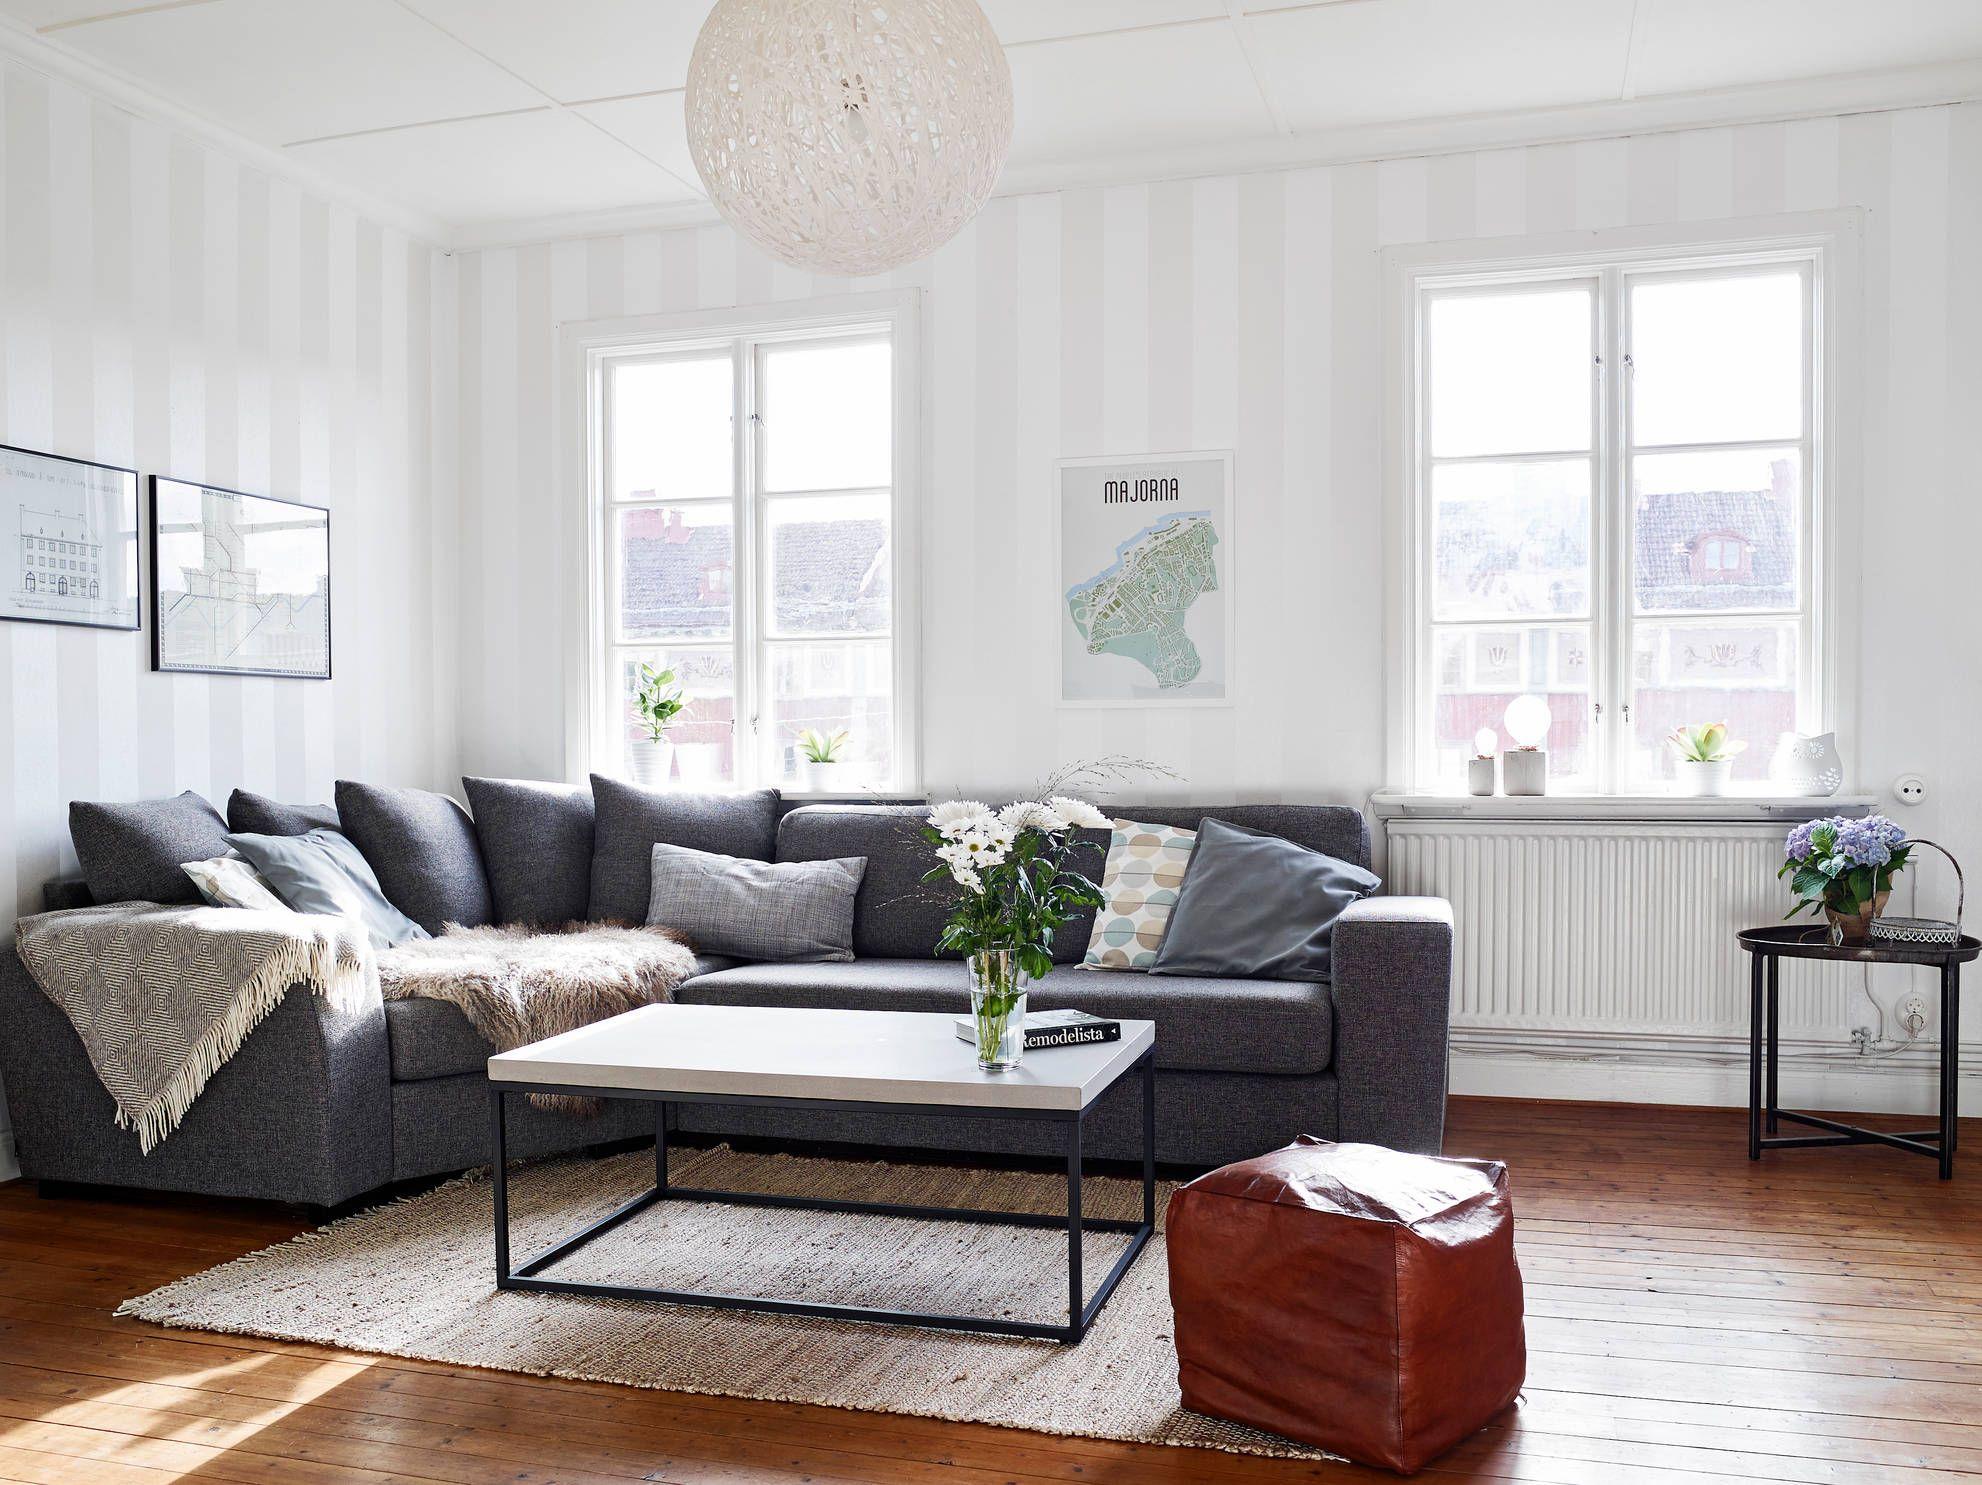 Interiores de pieles y elegancia. Un espacio con una decoración ...